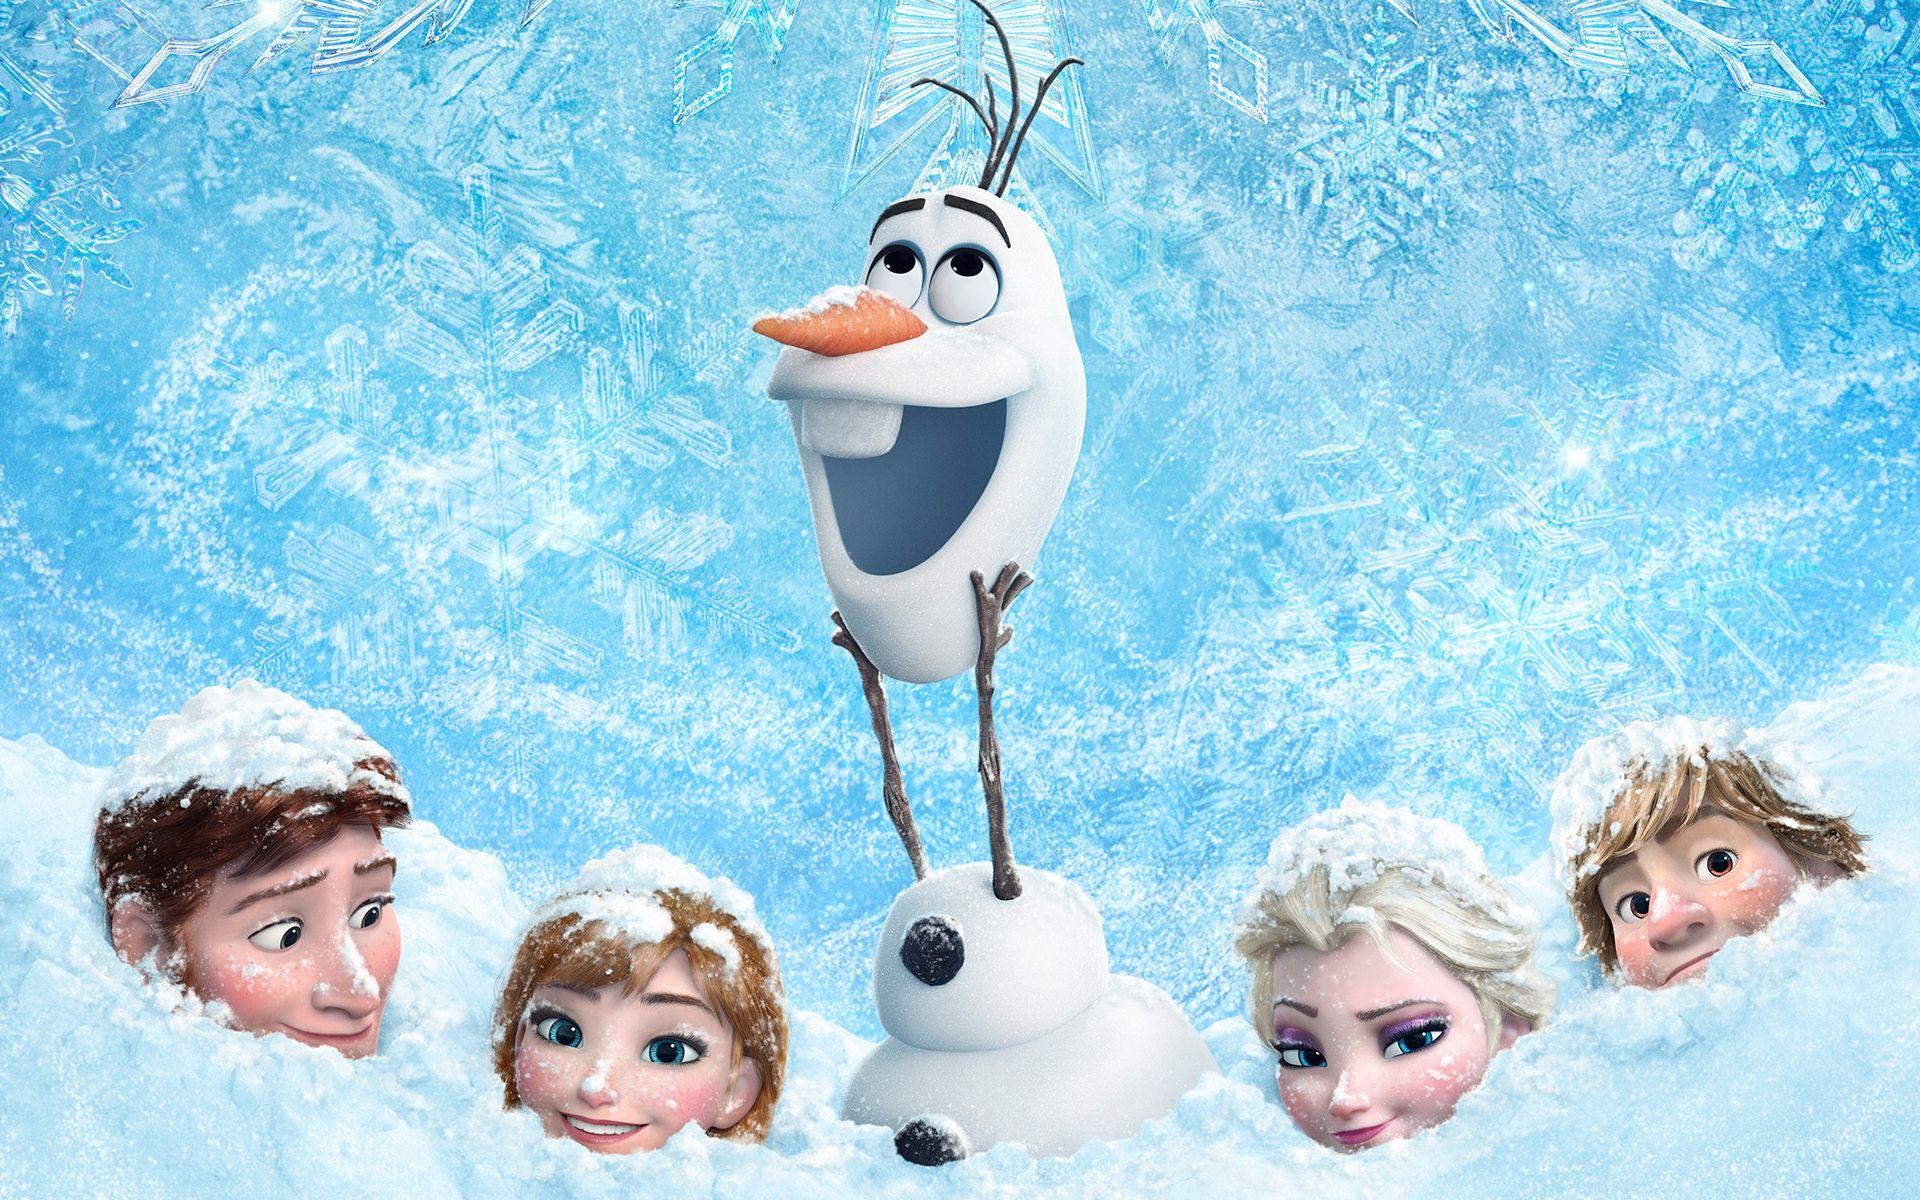 Disney Frozen HD Wallpaper